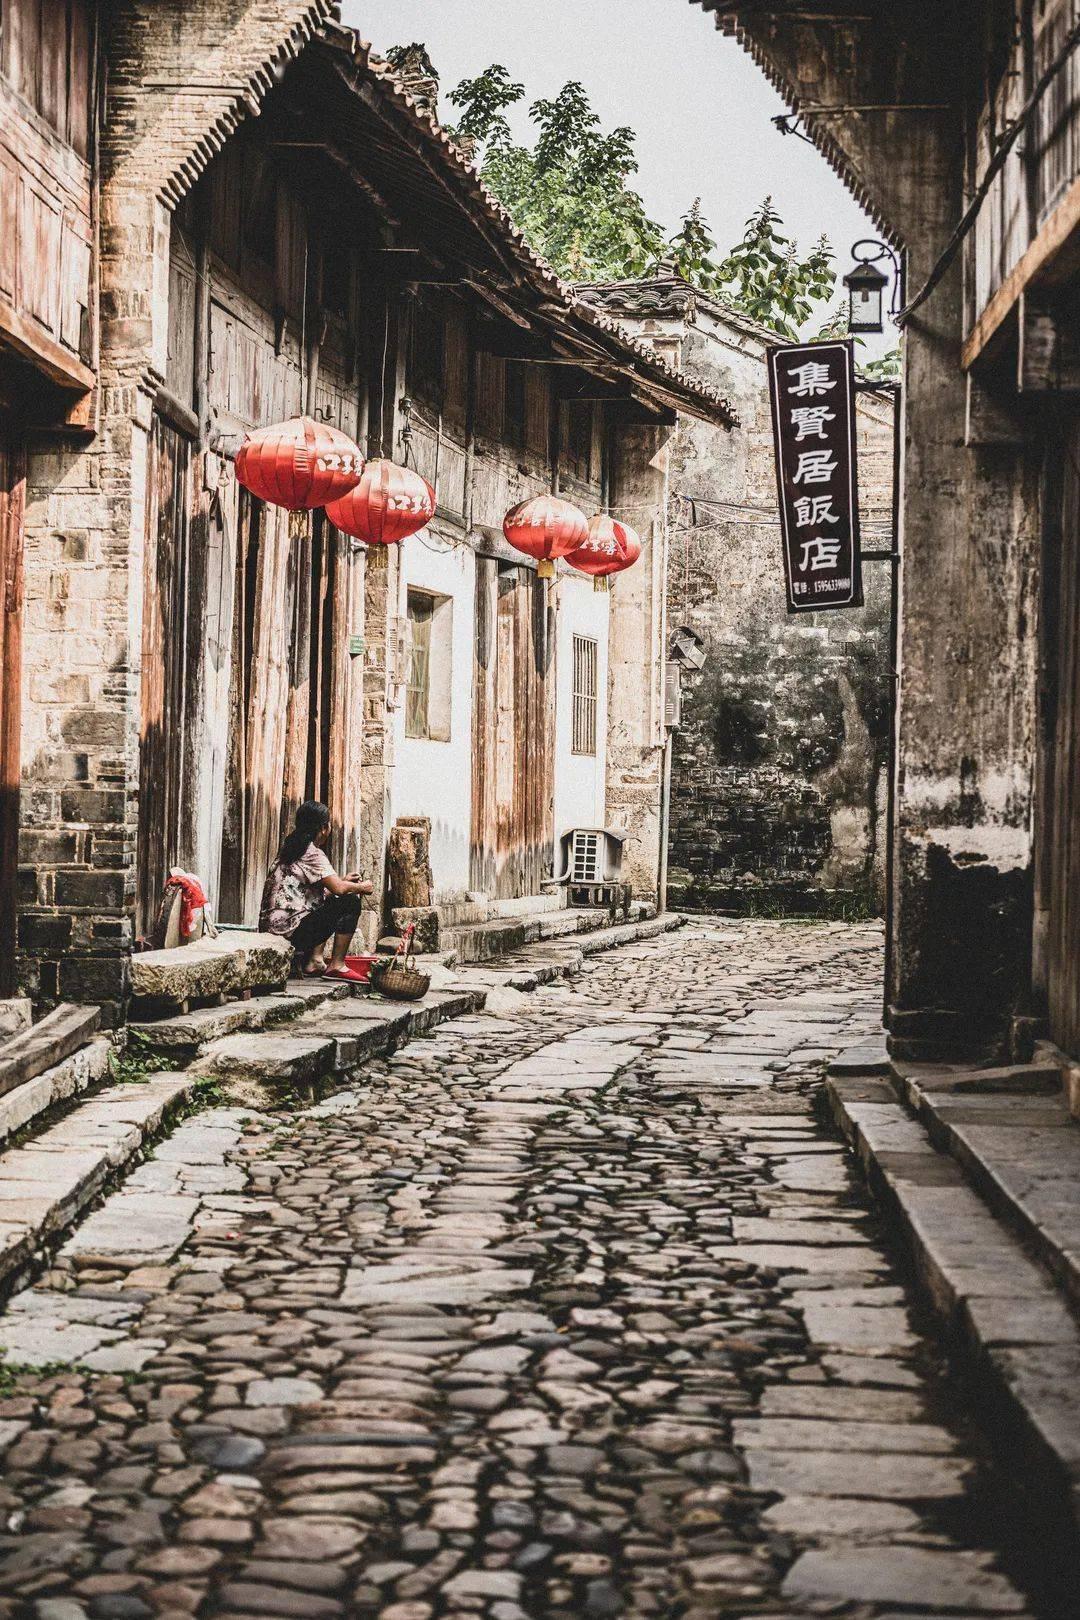 隐藏在泾县的百年老街,一进去就能瞬间穿越!